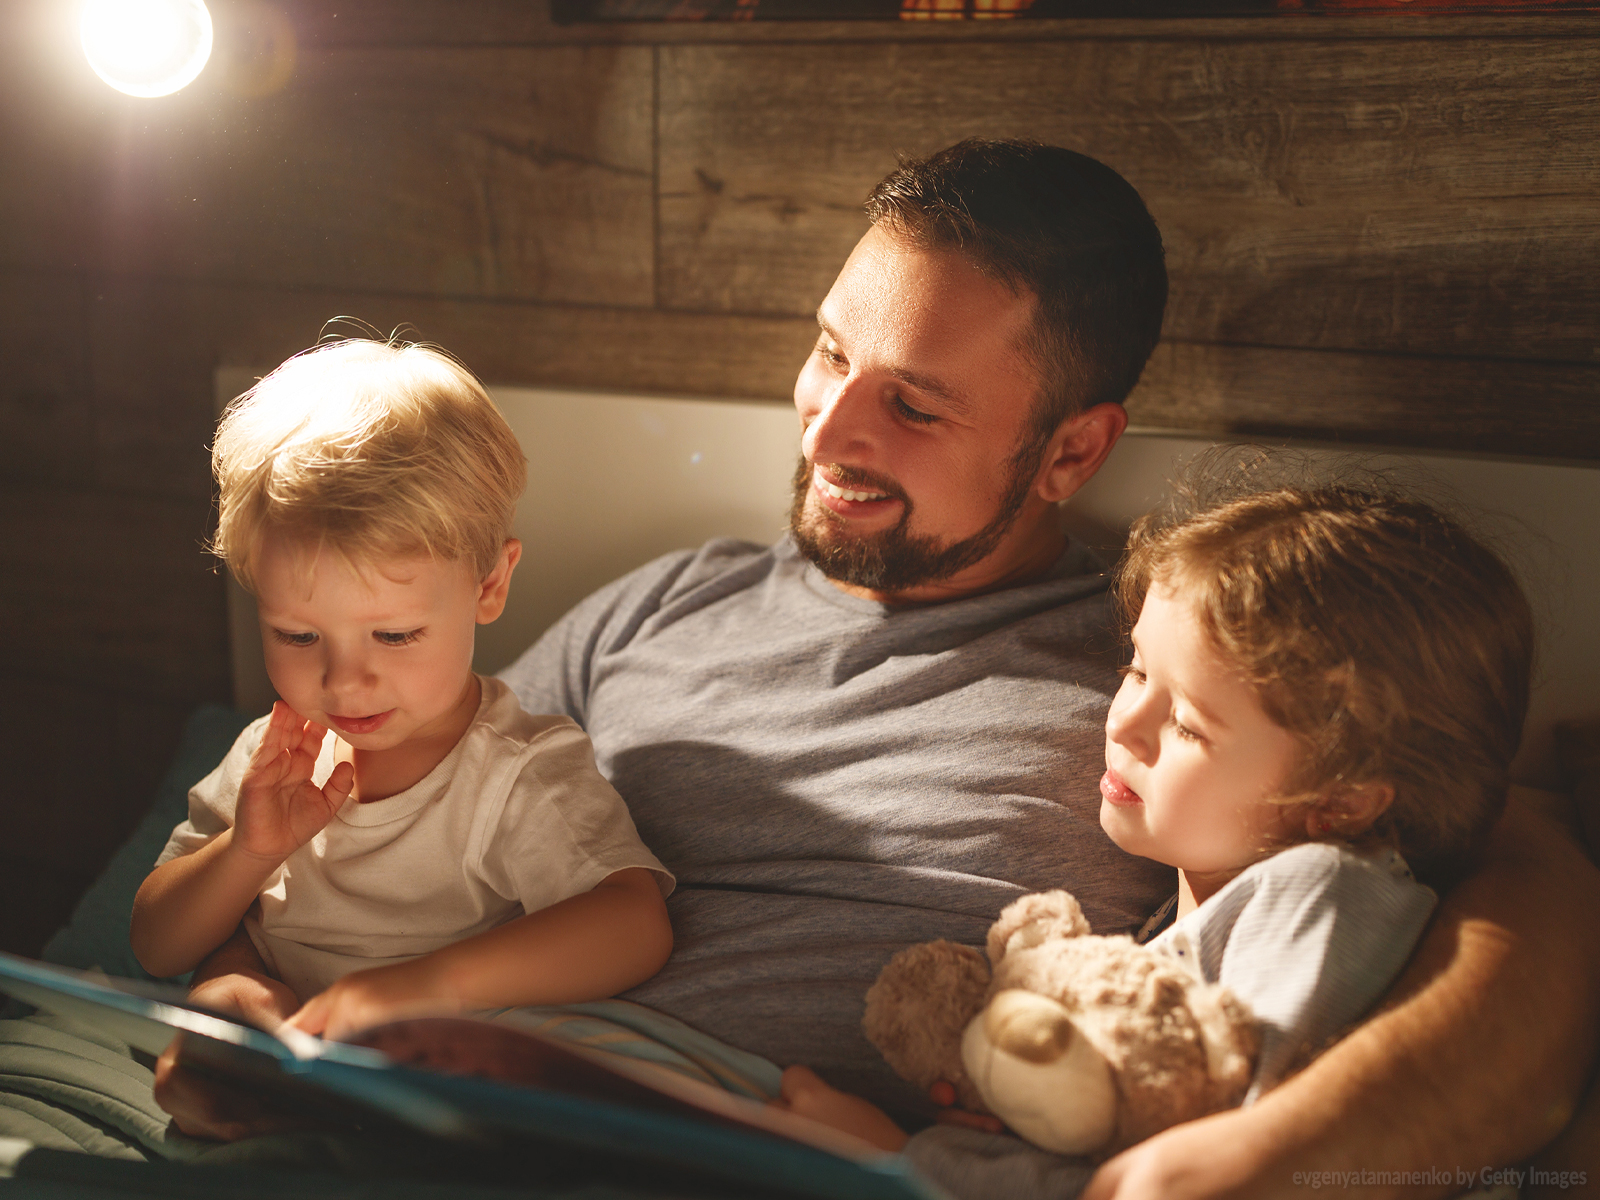 Pais, como educar nossos filhos hoje